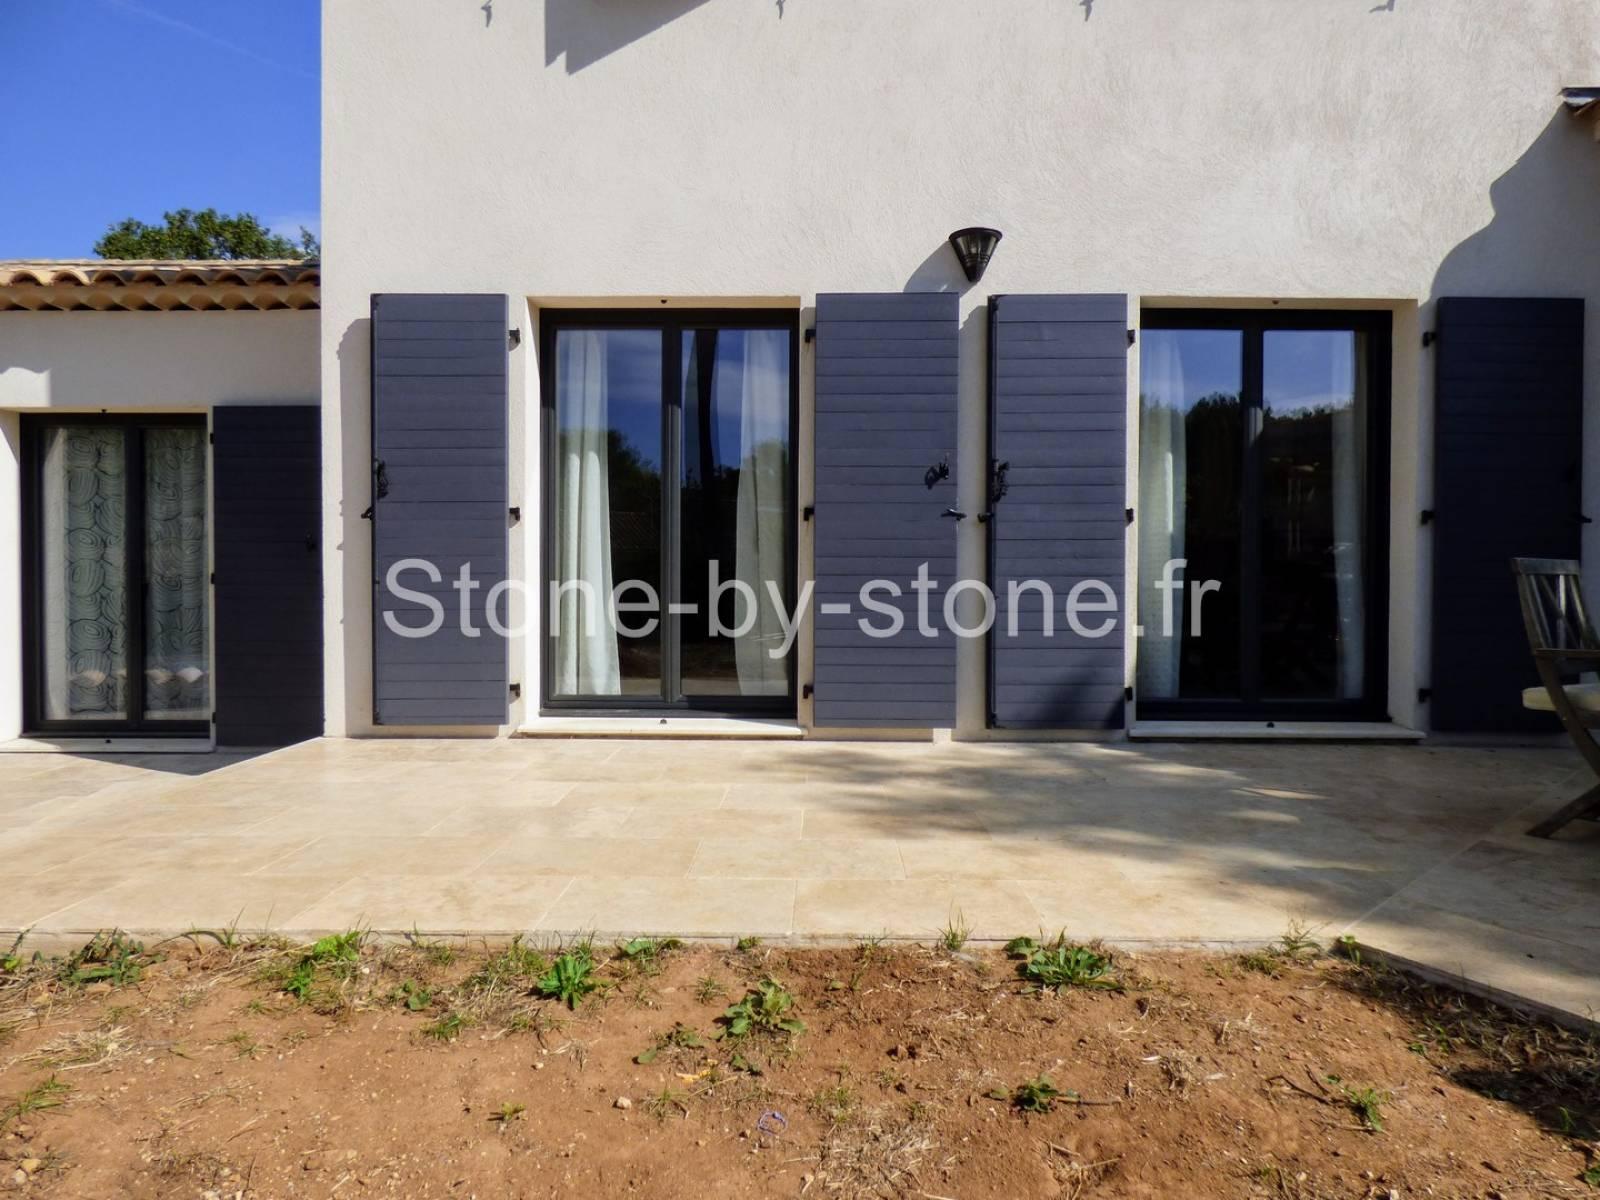 travertin 1er choix opus 4 portovecchio vente de pierre naturelle pour int rieur et. Black Bedroom Furniture Sets. Home Design Ideas